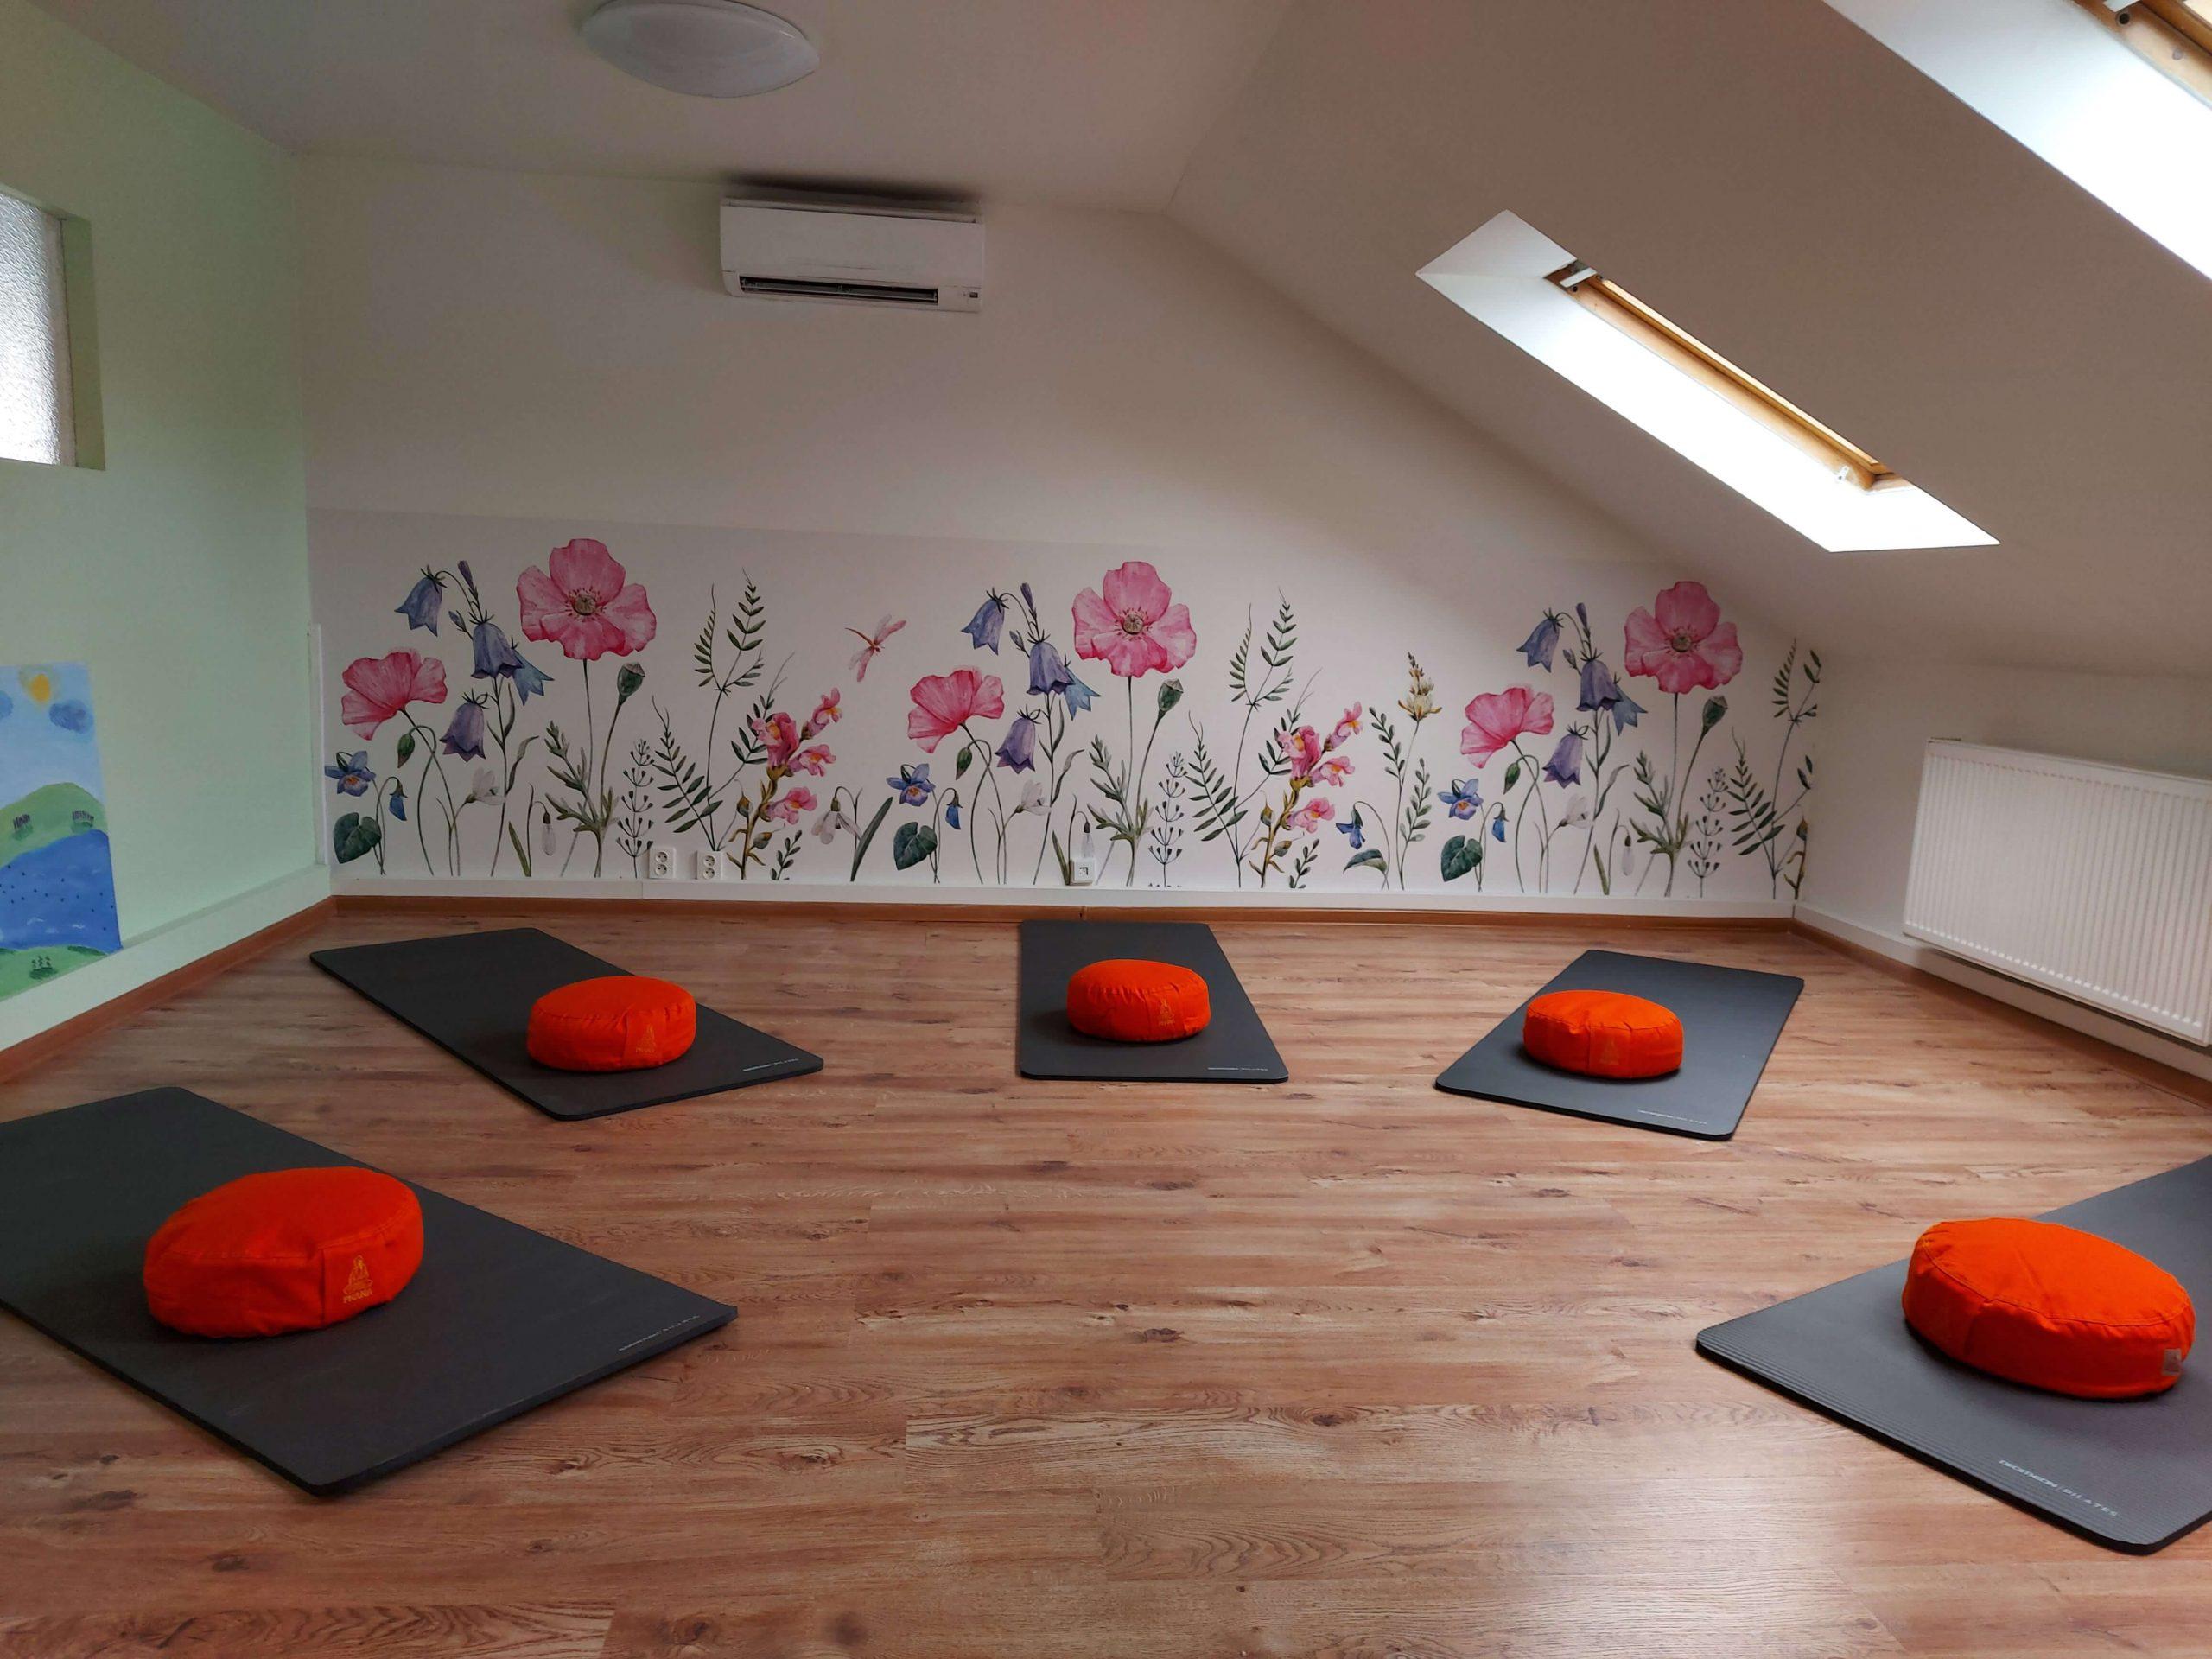 Akadémia pozitívneho života koučovacia miestnosť les 5 menšia